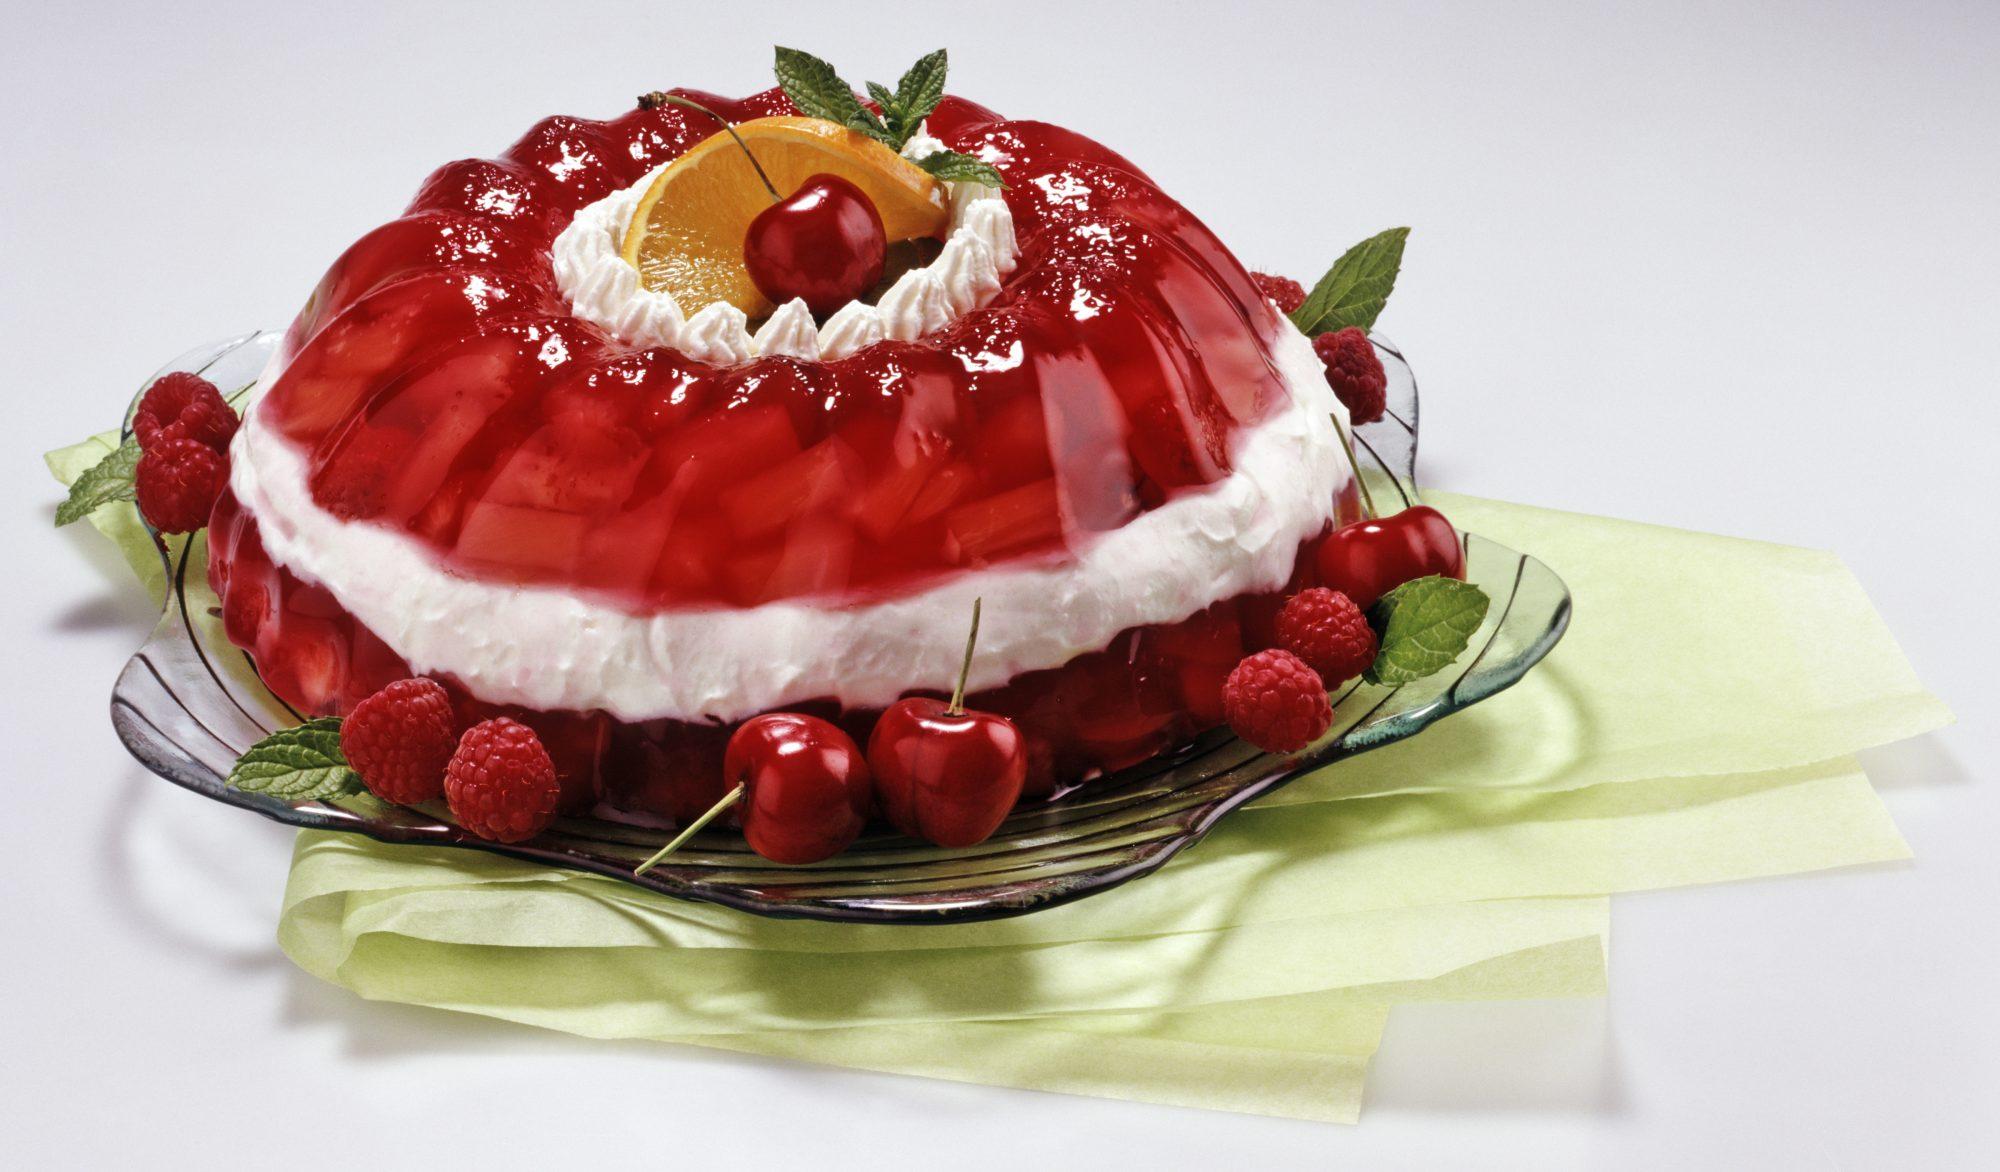 getty jello mold image